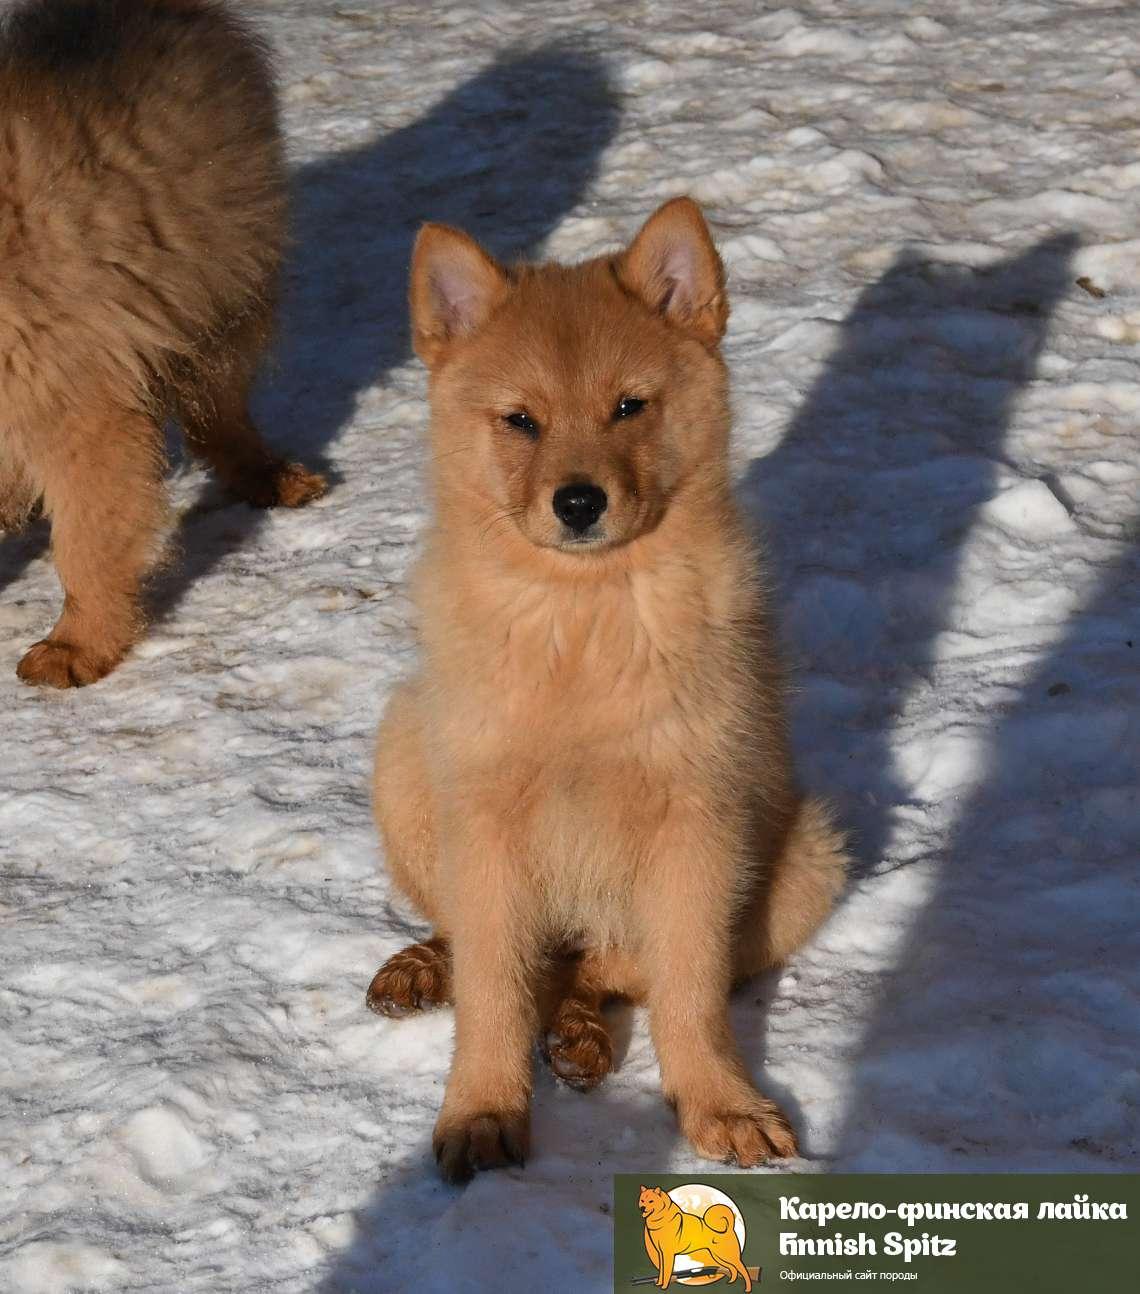 Карело-финская лайка: описание породы